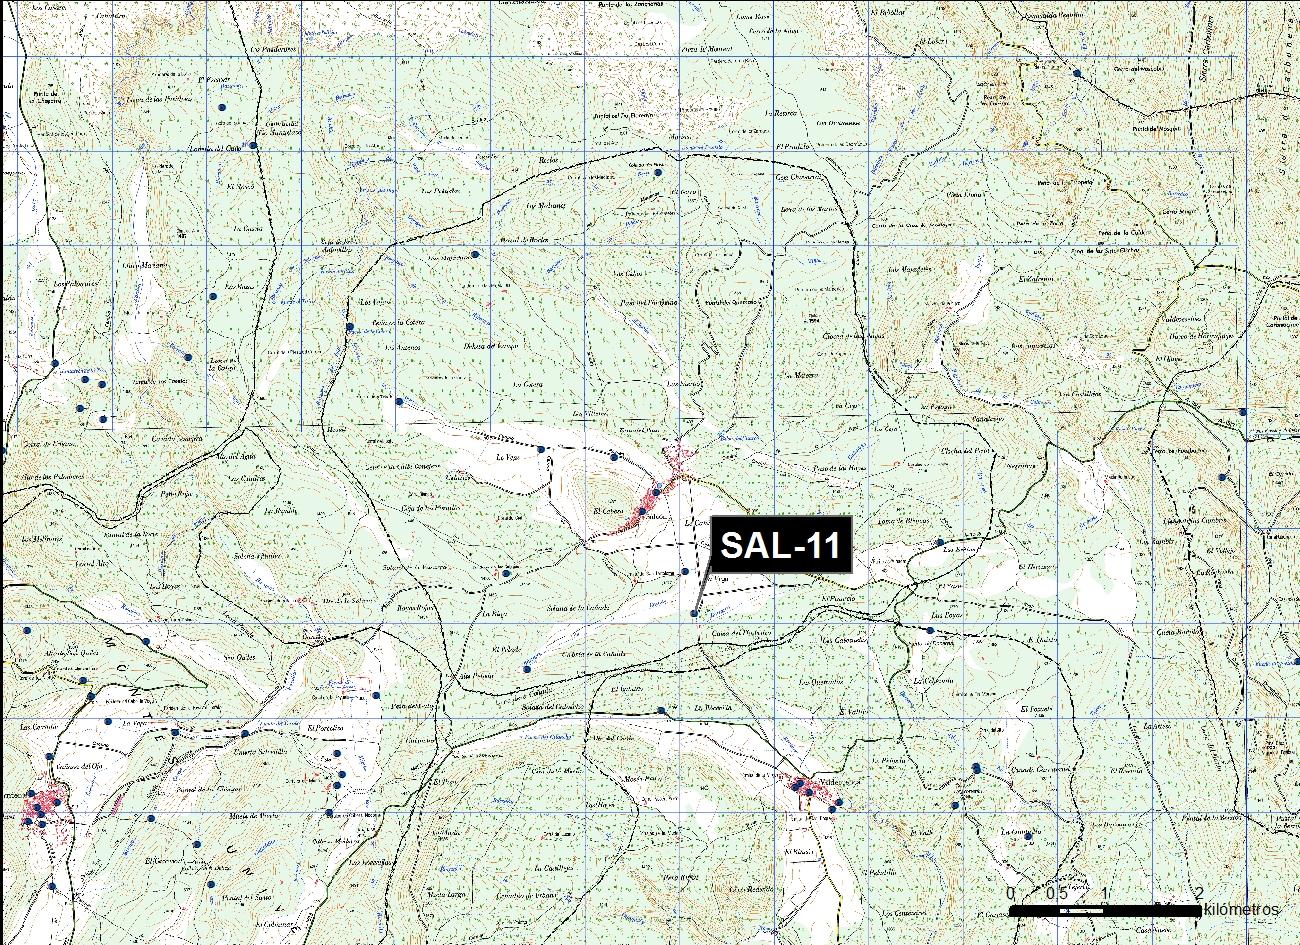 SAL_11_M.V.LOZANO_GAMELLONES LA HOCECILLA_MAP.TOPO 1